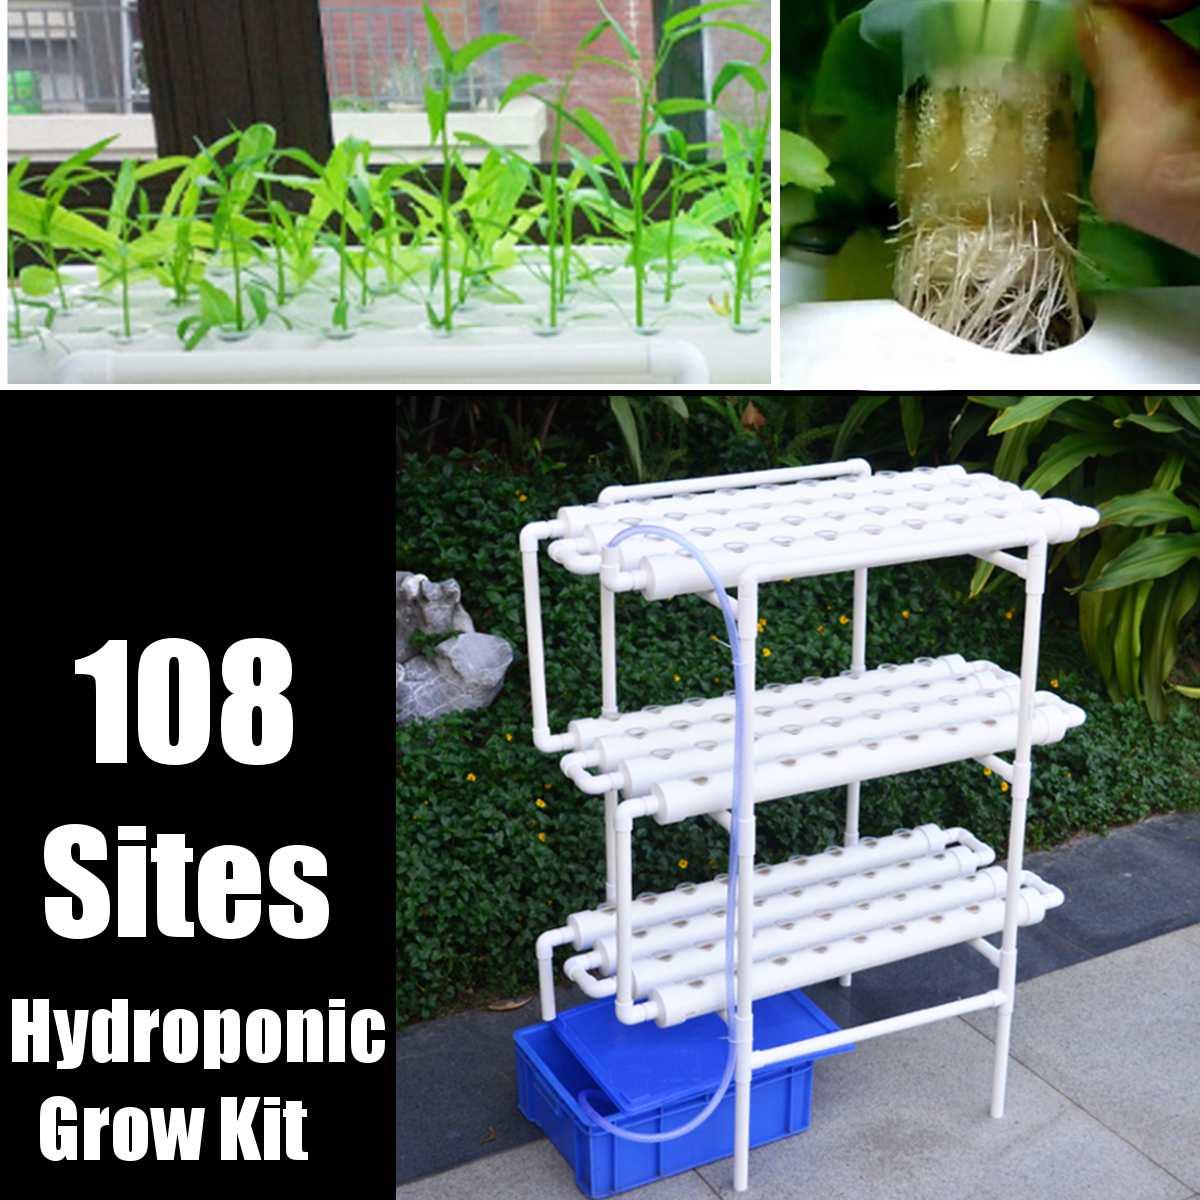 مجموعة أدوات الزراعة المائية مجموعة 108 نظام الموقع مع عش سلة مضخة المياه والإسفنج موقع النبات تنمو عدة التيار المتناوب 110-240 فولت